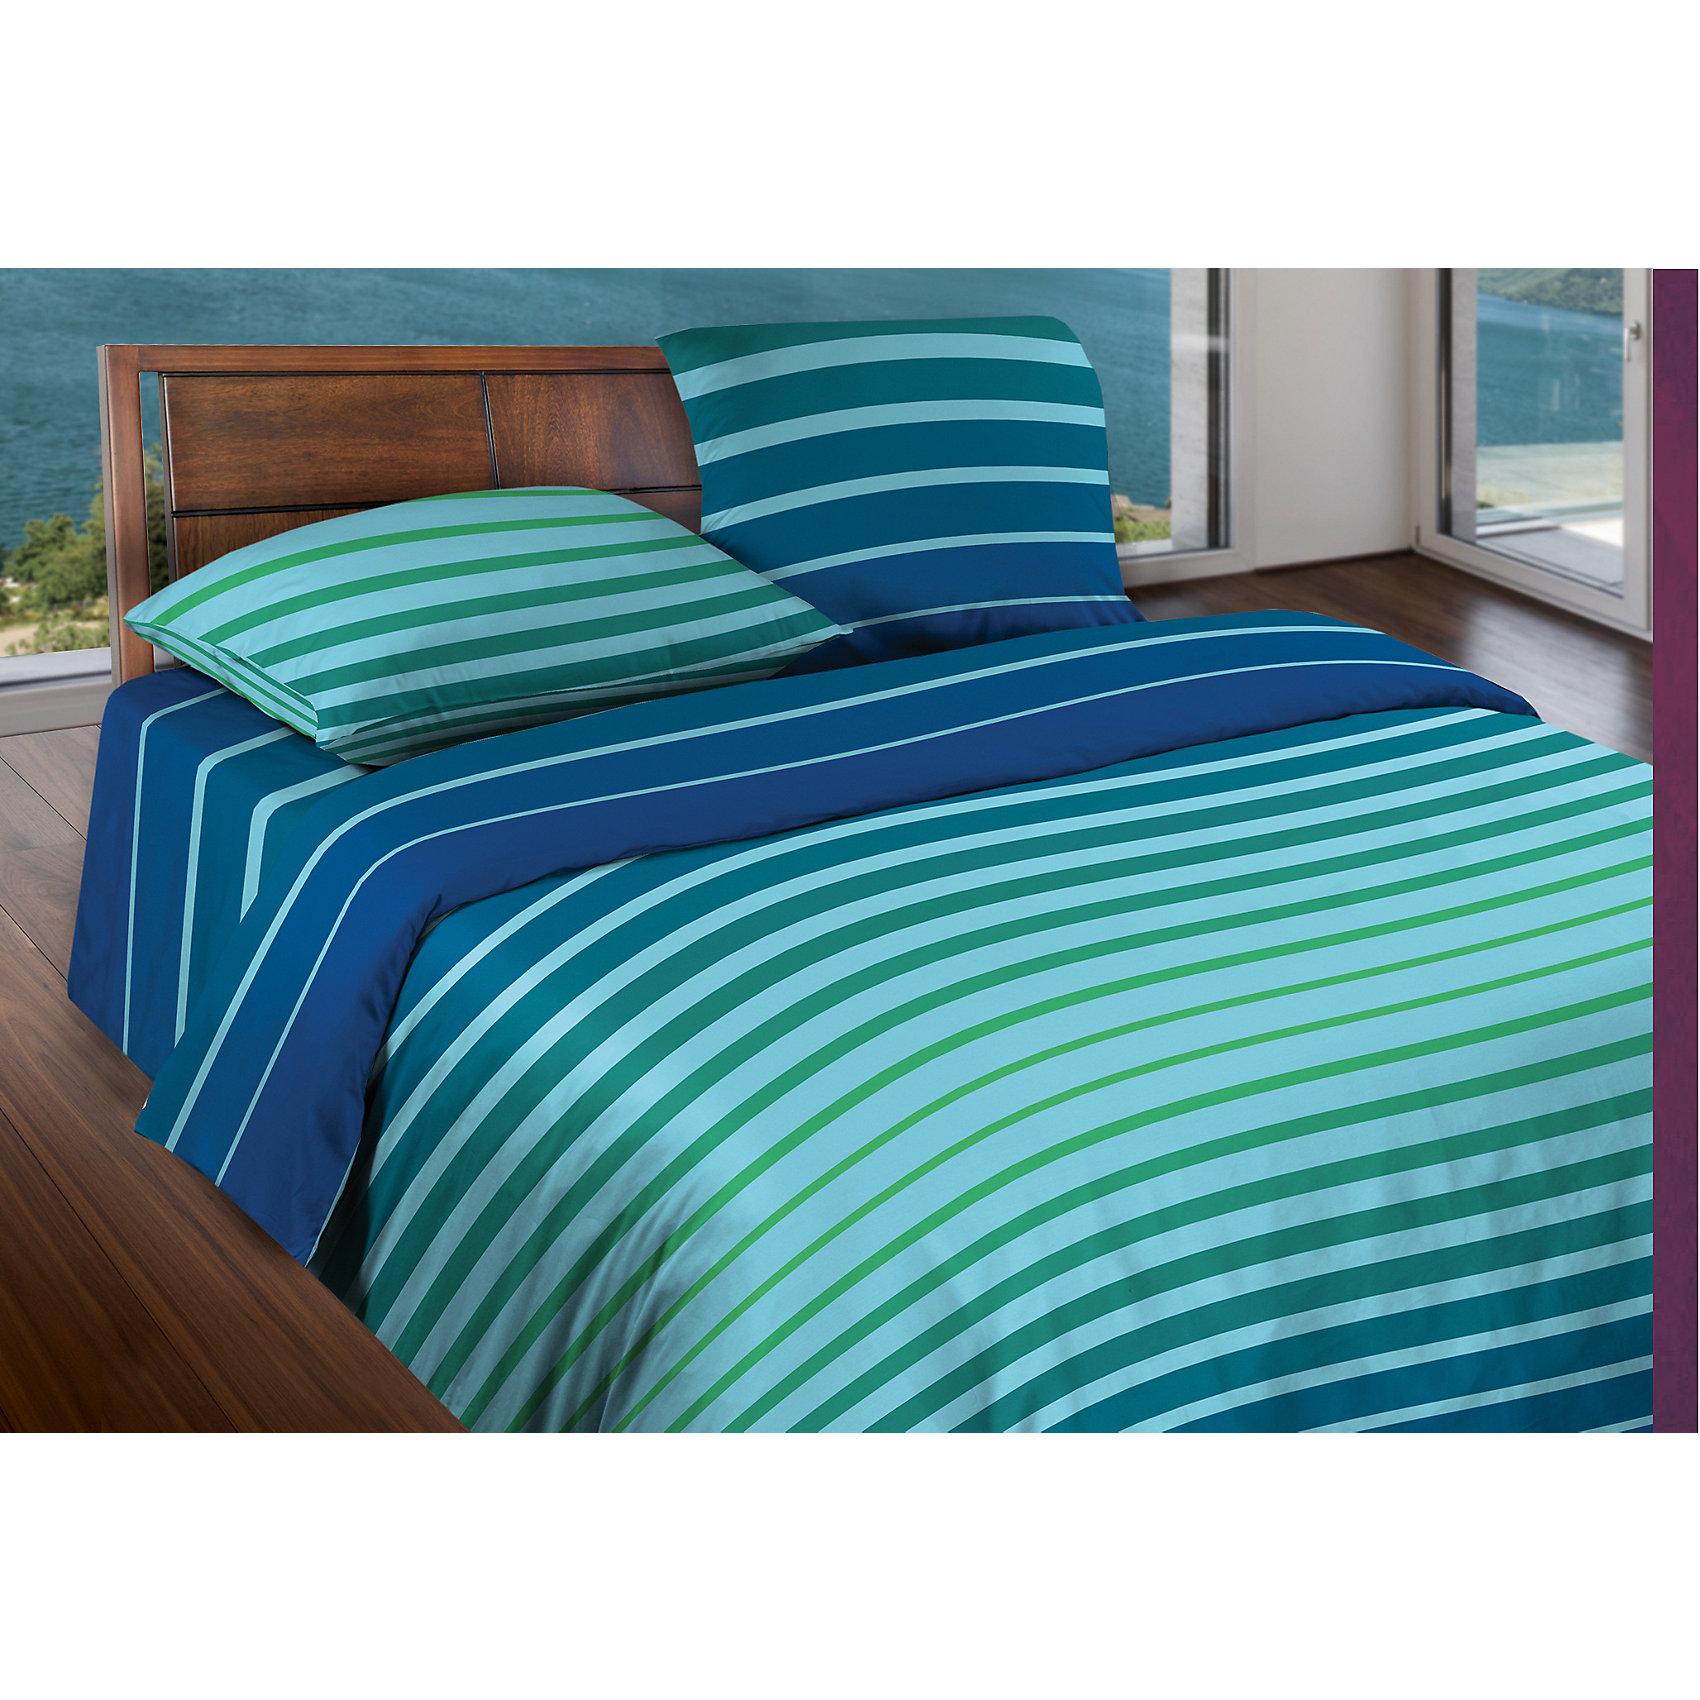 Постельное белье Евро Stripe Blue mint, БИО Комфорт, WENGE MotionДомашний текстиль<br>Постельное белье Евро Stripe Blue mint, БИО Комфорт, WENGE Motion (Венге)<br><br>Характеристики:<br><br>• мягкое и гипоаллергенное<br>• позволяет коже дышать<br>• впитывает лишнюю влагу<br>• не выцветает<br>• уникальный дизайн<br>• в комплекте: пододеяльник, простынь, наволочка (2 шт.)<br>• размер пододеяльника: 215х220 см<br>• размер простыни: 220х240 см<br>• размер наволочки: 70х70 см<br>• тип печати: реактивная<br>• материал: хлопок<br>• вес: 1800 грамм<br><br>Постельное белье Stripe Blue mint отличается стильным дизайном и хорошей износостойкостью. Комплект выполнен из материала БИО комфорт. Гладкая поверхность материала позволяет сохранить качество печати  рисунка. Белье из Био комфорта известно высокой гигроскопичностью и воздухопроницаемостью. Таким образом, вы можете быть уверены в своем комфорте во время отдыха. Белье не выцветает, сохраняет размер и форму даже после стирок. Комплект оформлен красивым принтом в бирюзовую полоску.<br><br>Постельное белье Евро Stripe Blue mint, БИО Комфорт, WENGE (Венге) Motion вы можете купить в нашем интернет-магазине.<br><br>Ширина мм: 500<br>Глубина мм: 250<br>Высота мм: 500<br>Вес г: 2400<br>Возраст от месяцев: 216<br>Возраст до месяцев: 1188<br>Пол: Унисекс<br>Возраст: Детский<br>SKU: 5569289